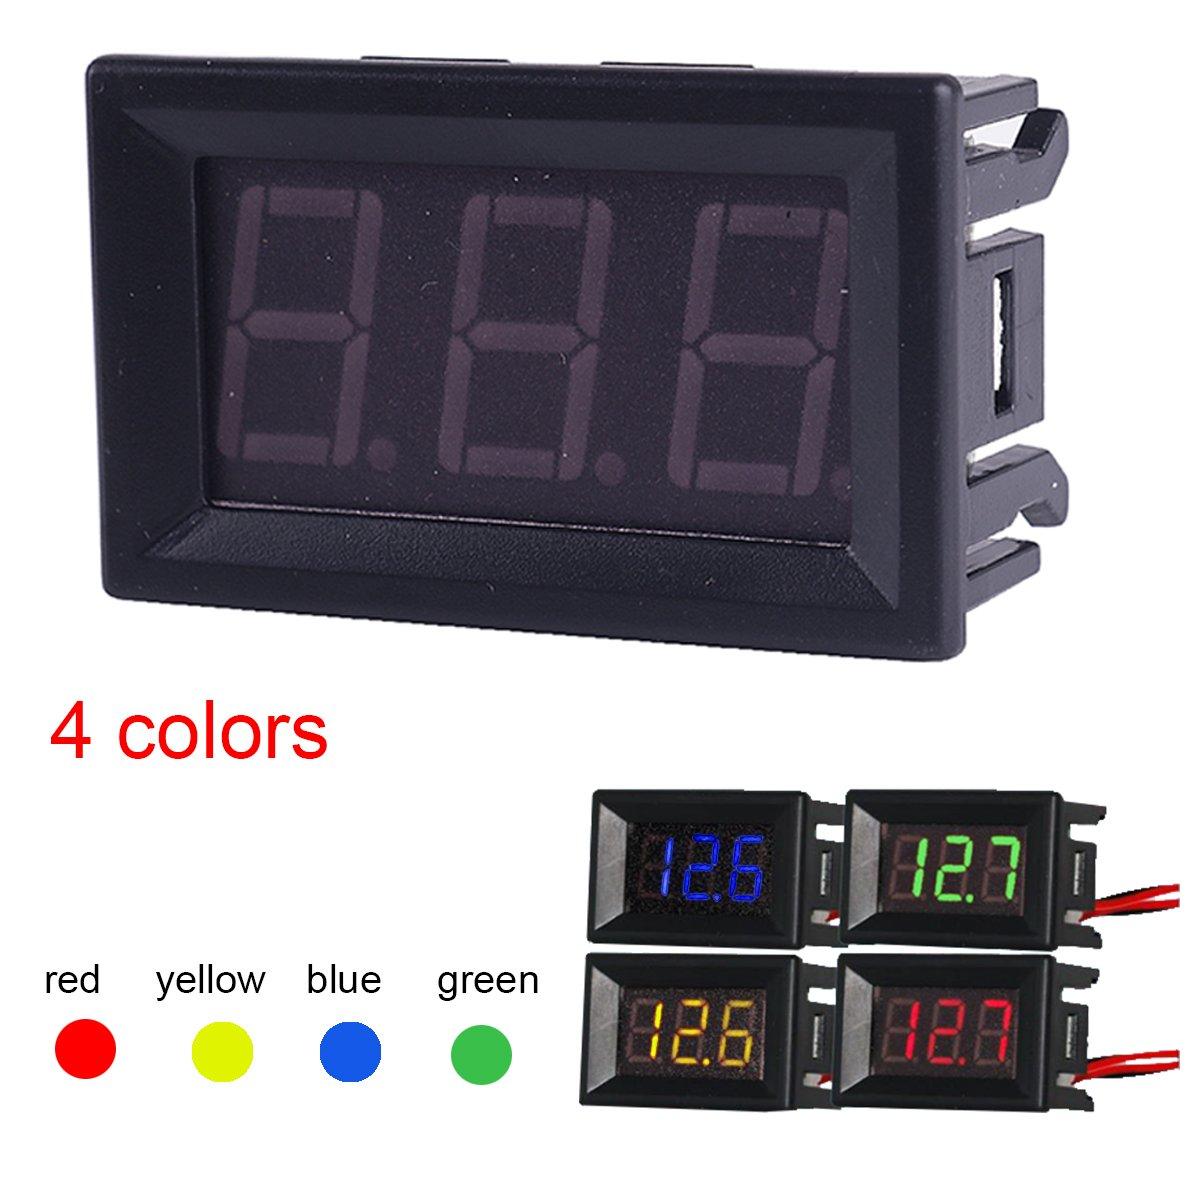 MakerHawk 4 st/ücke Digital DC Voltmeter 0,56 Zoll Zwei-zeilen 2,5-30 V Digital Voltmeter Messger/ät Tester Led-anzeige Verpolungsschutz und Genaue Druckmessung 4 Farben